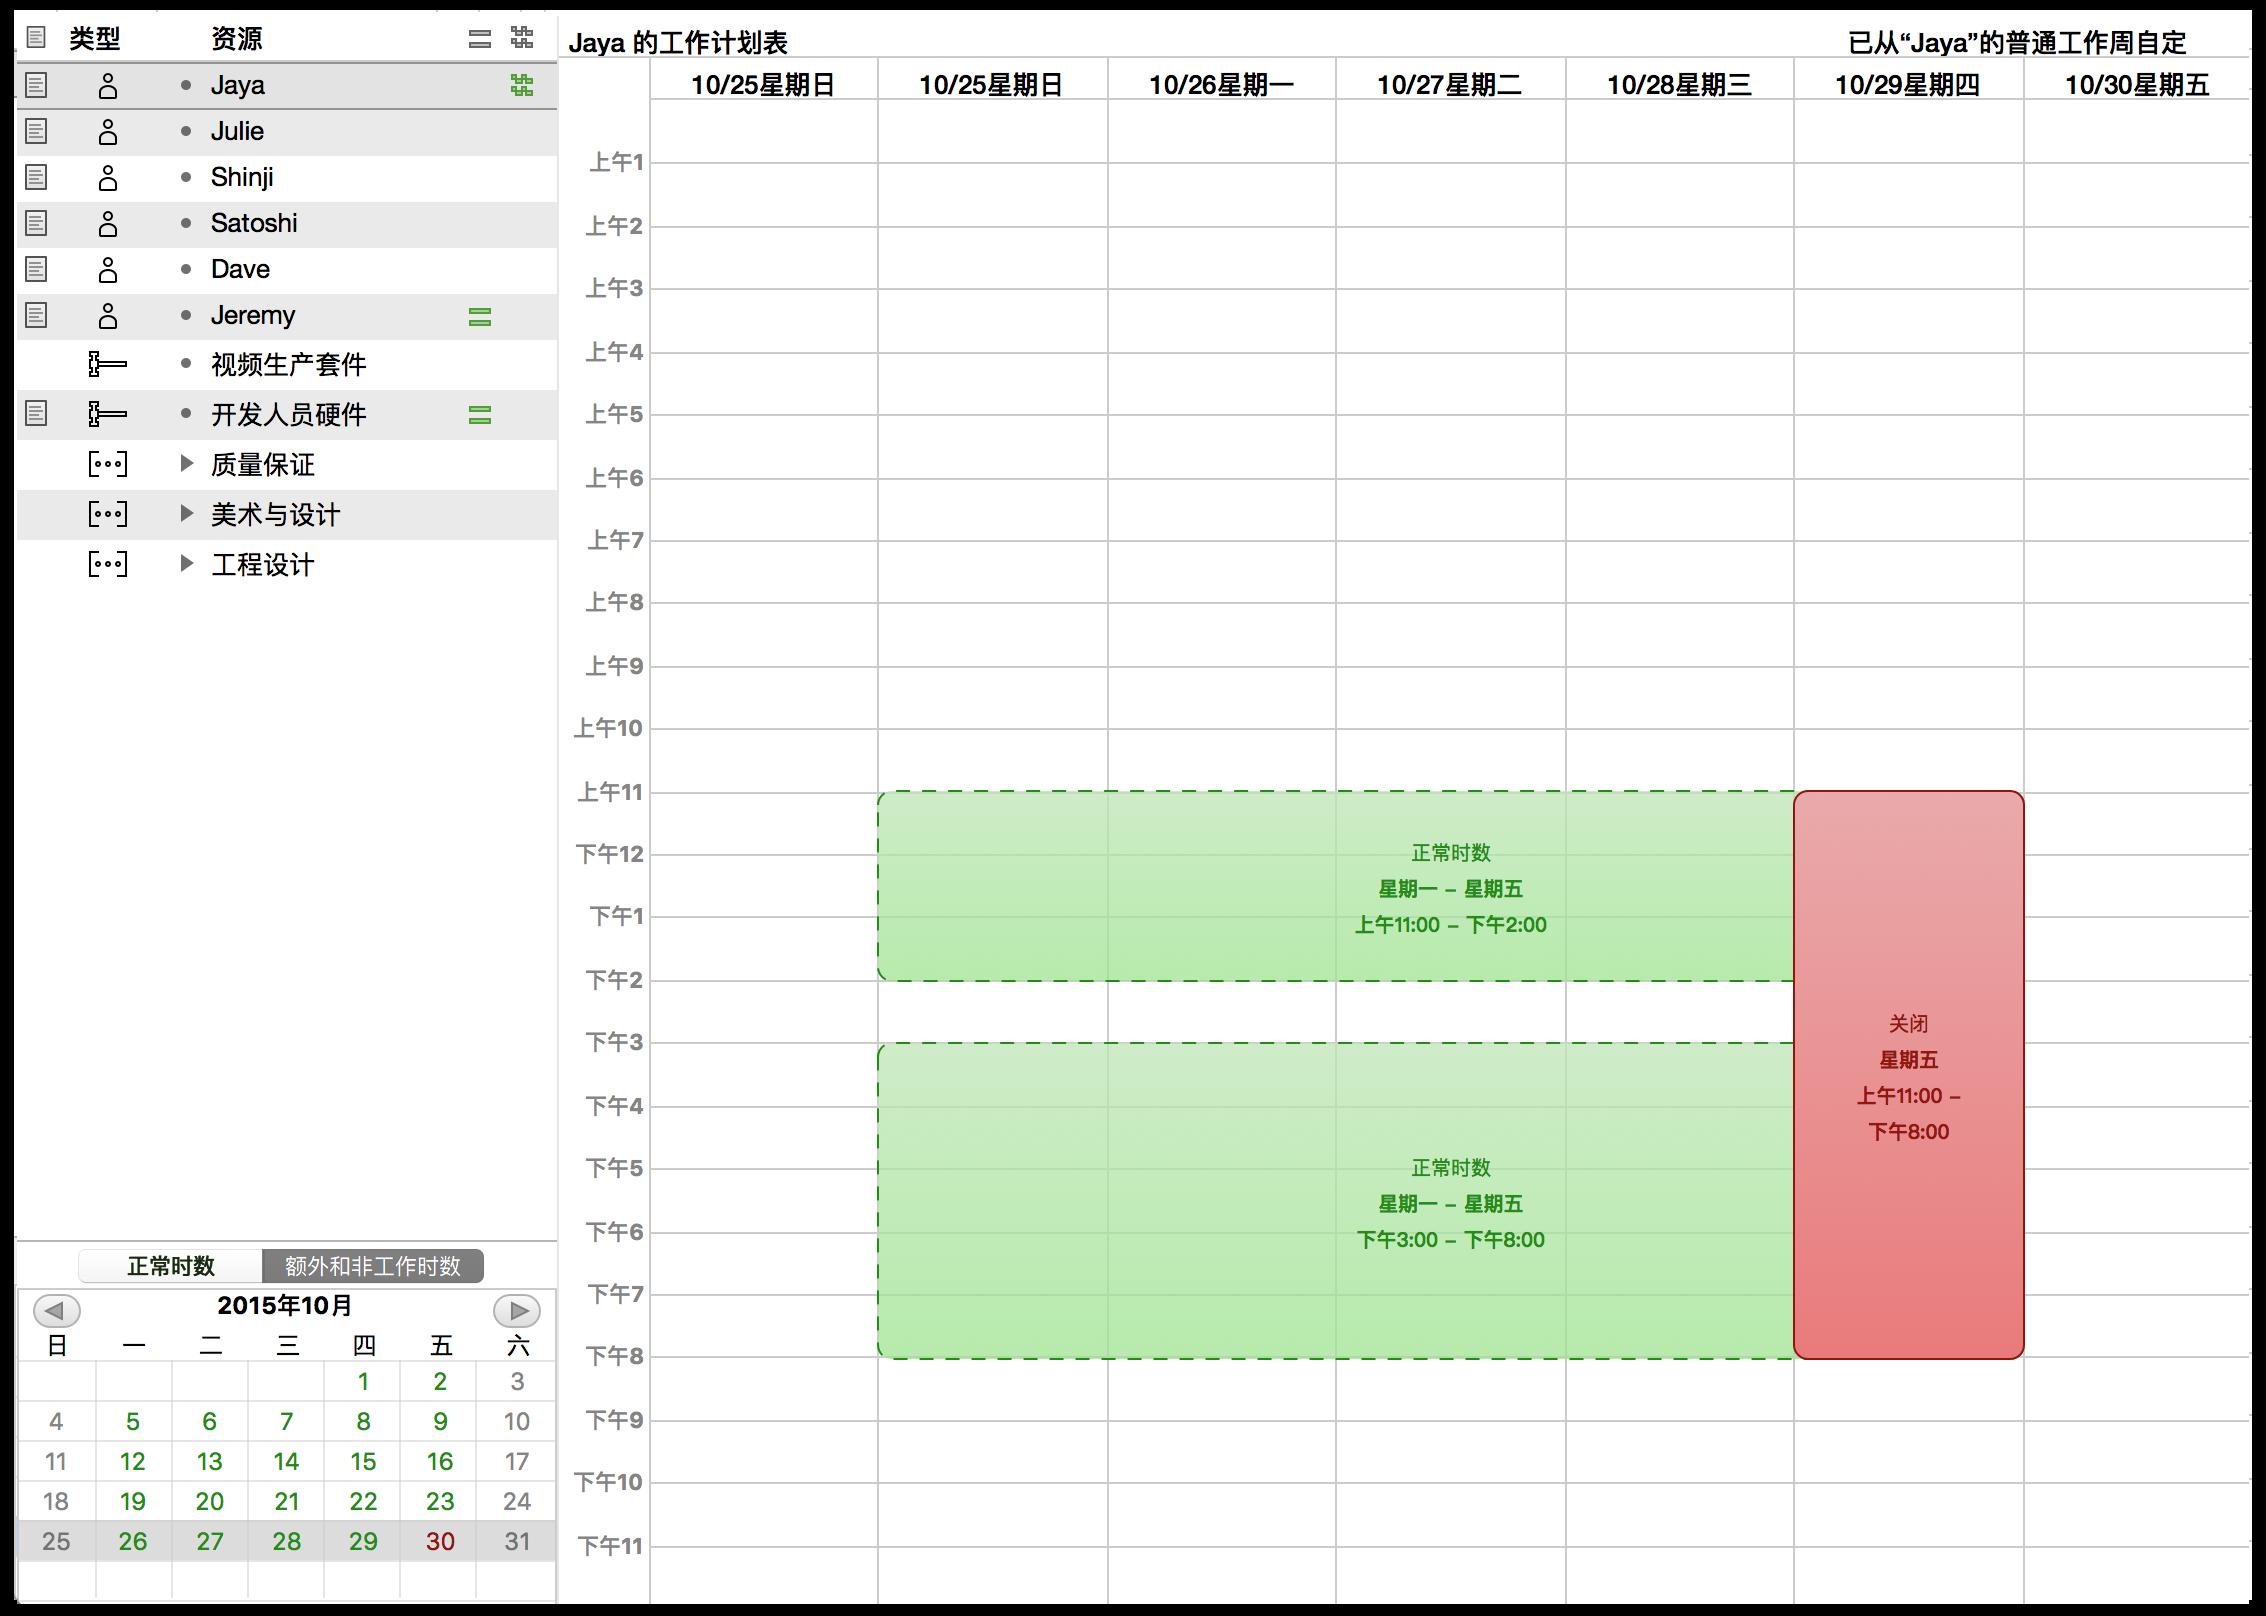 在日历视图中为个别人员描述休假时间。